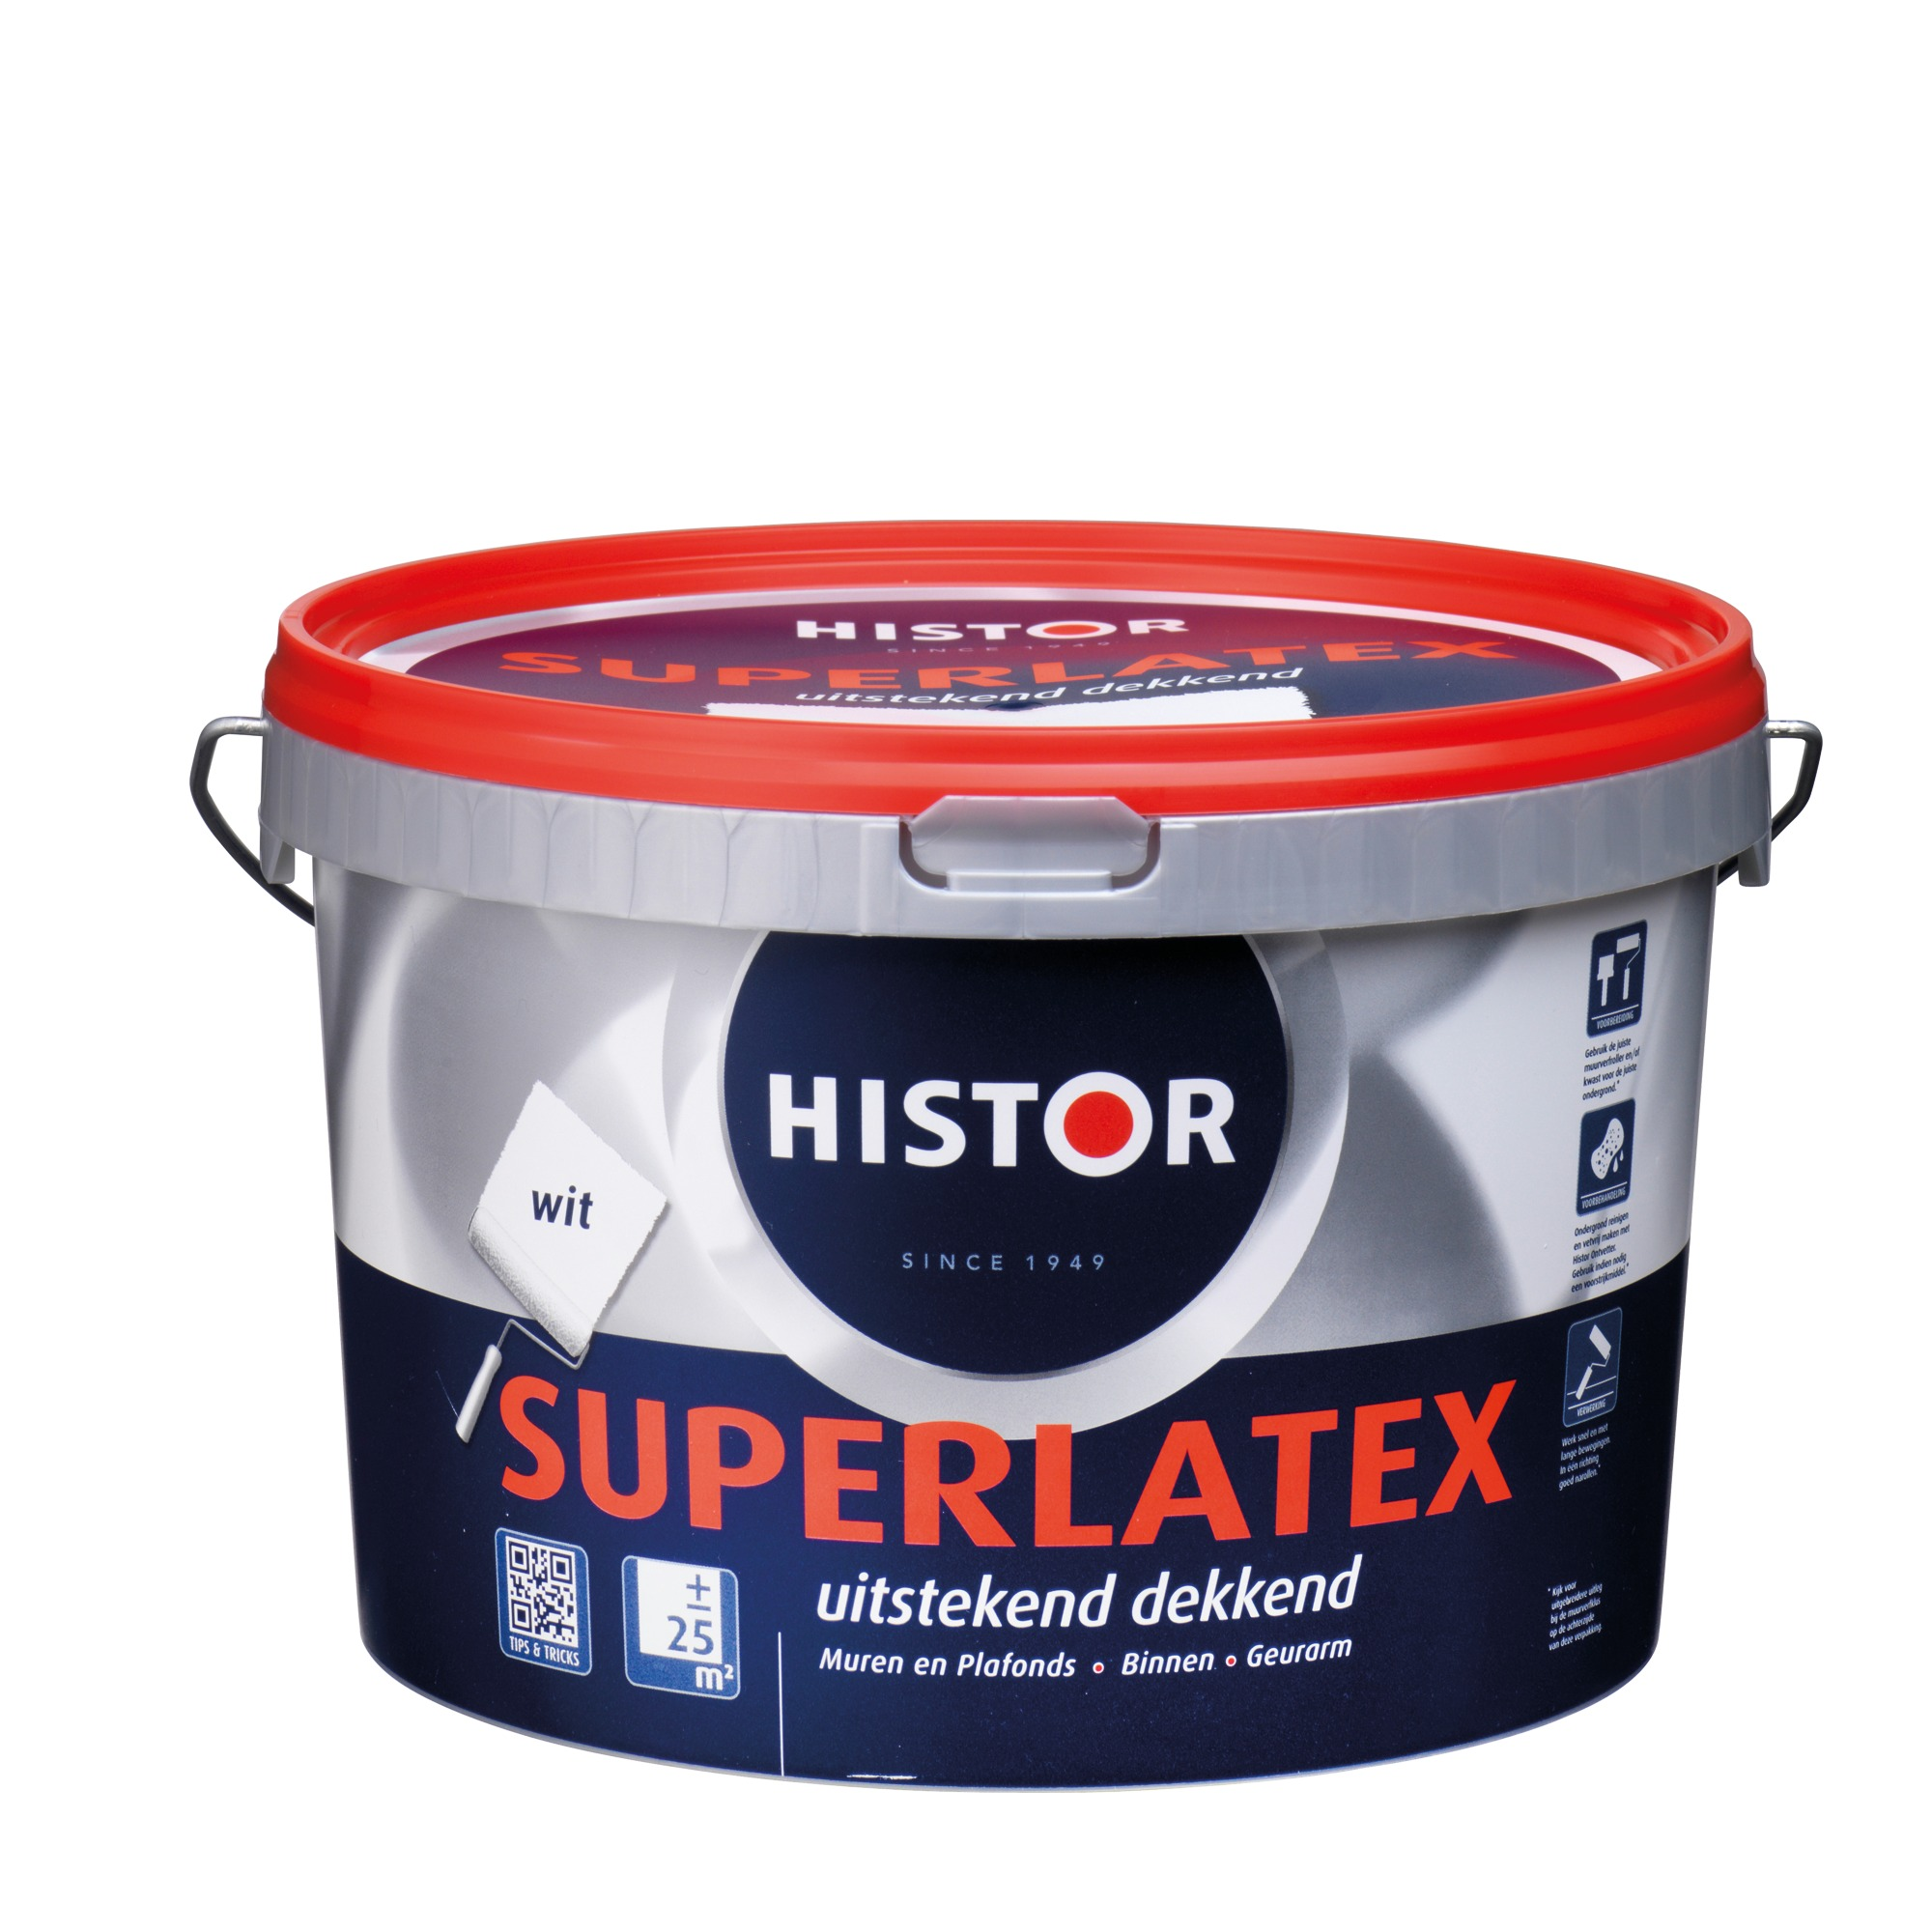 Histor Super latex muurverf mat wit 2,5 l